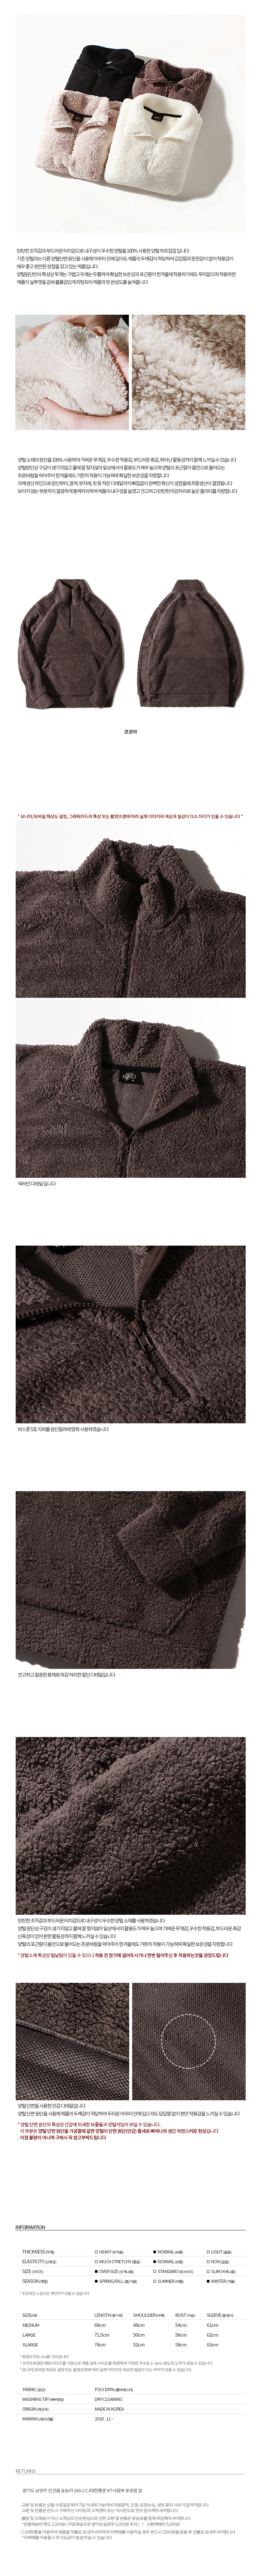 [로로팝] 양털하프집업 코코아